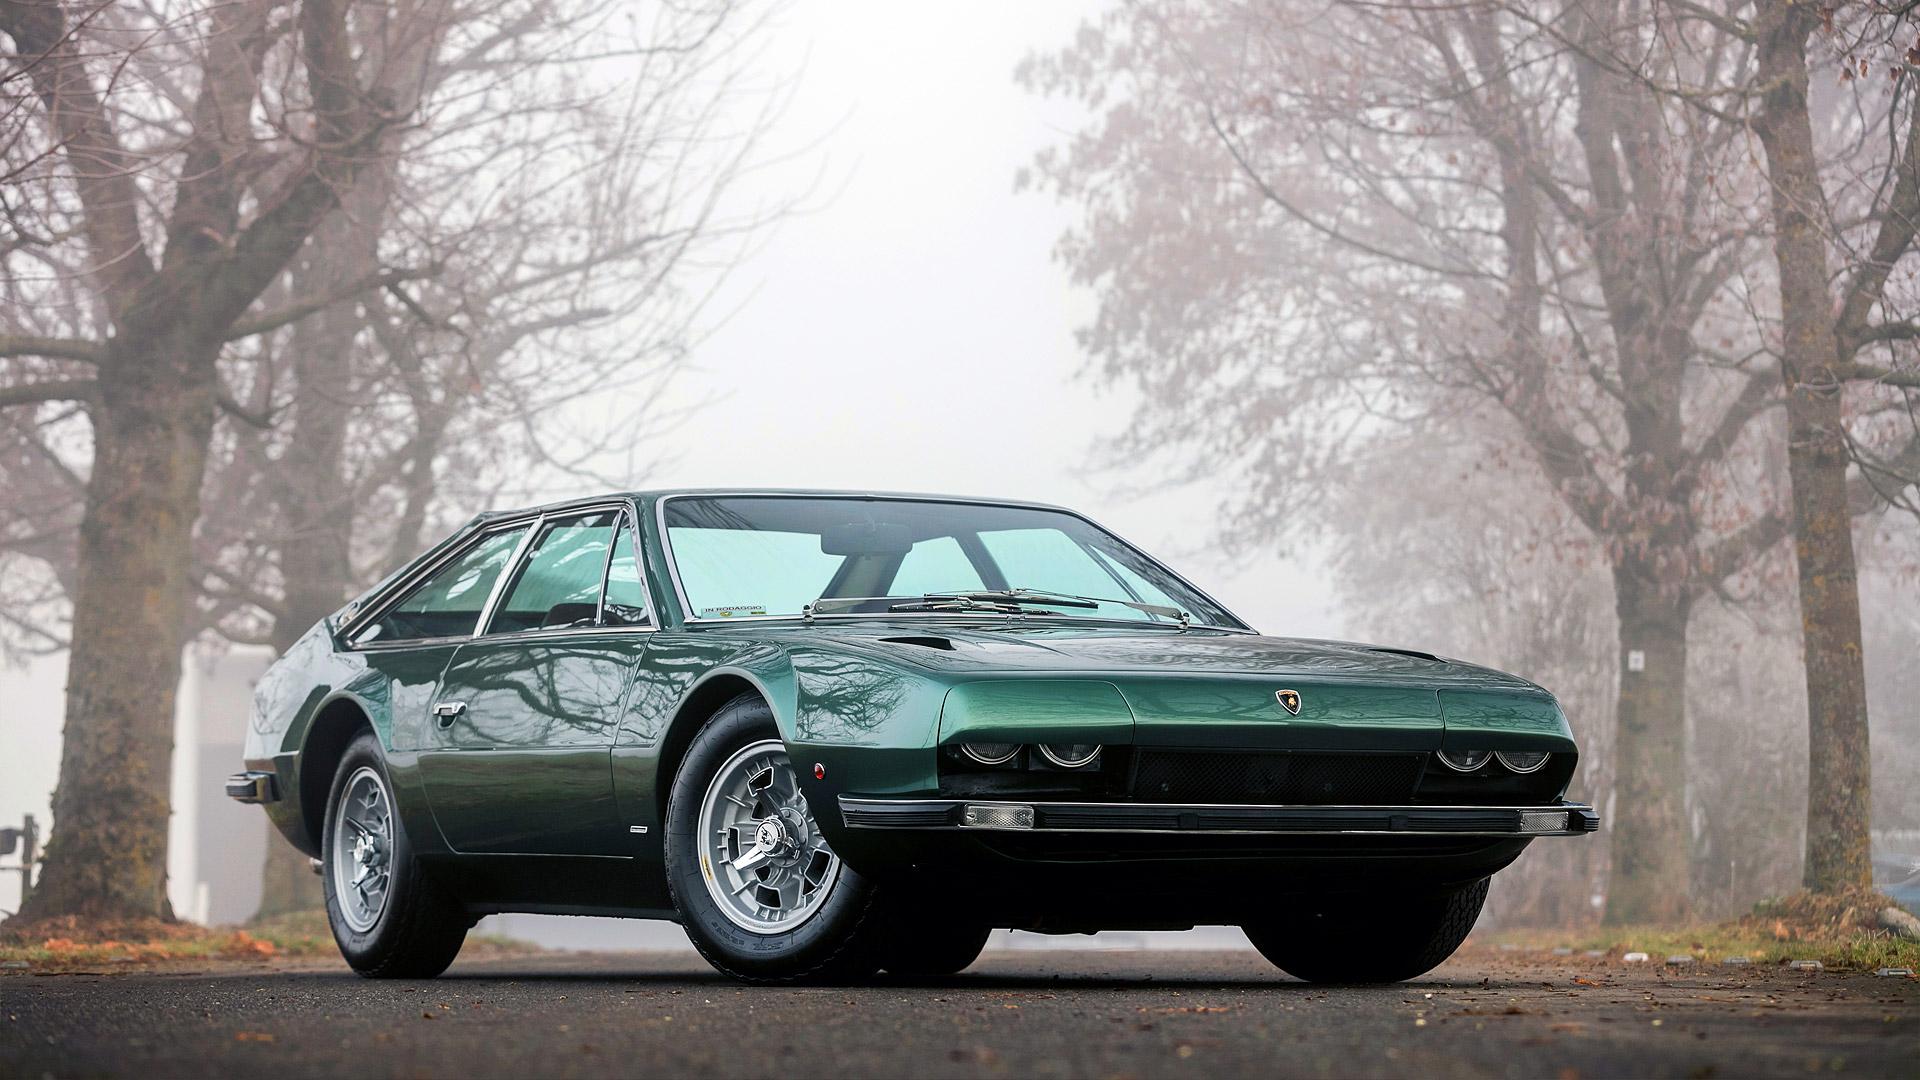 Lamborghini Jarama (1970-1976)